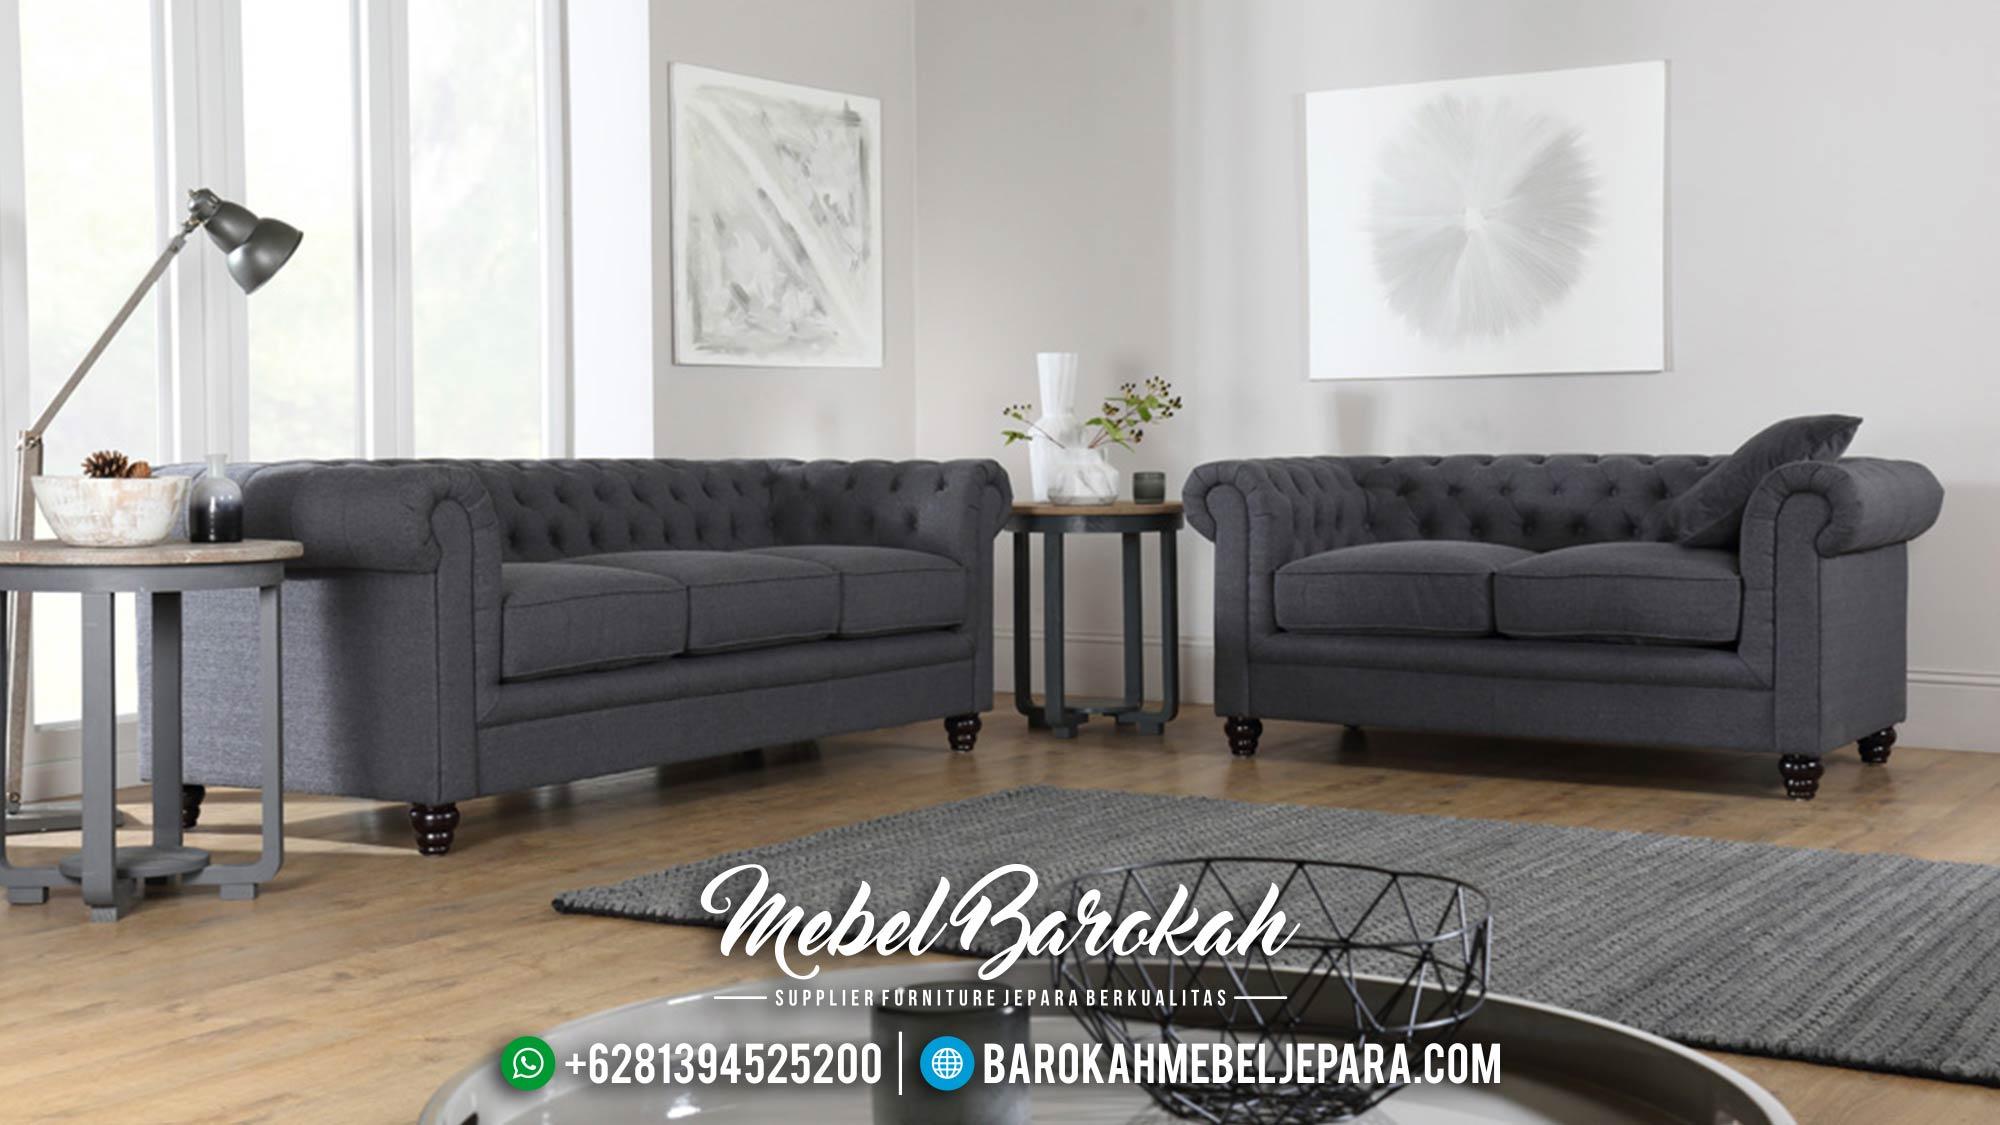 Jual 1 Set Sofa Tamu Mewah Minimalis Jepara Chesterfield MB-0020